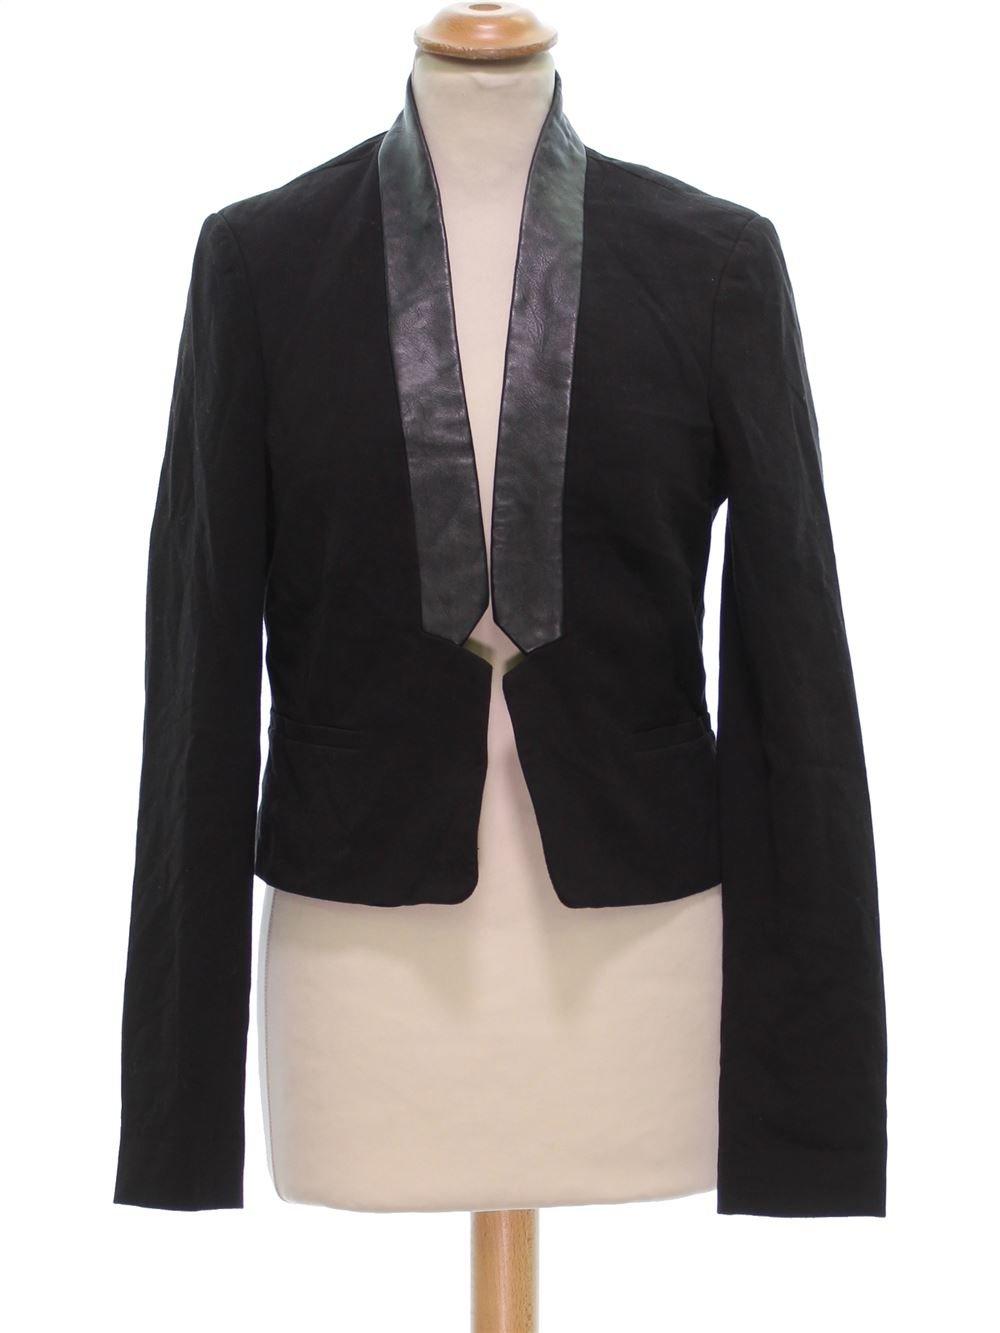 Veste tailleur femme luxe